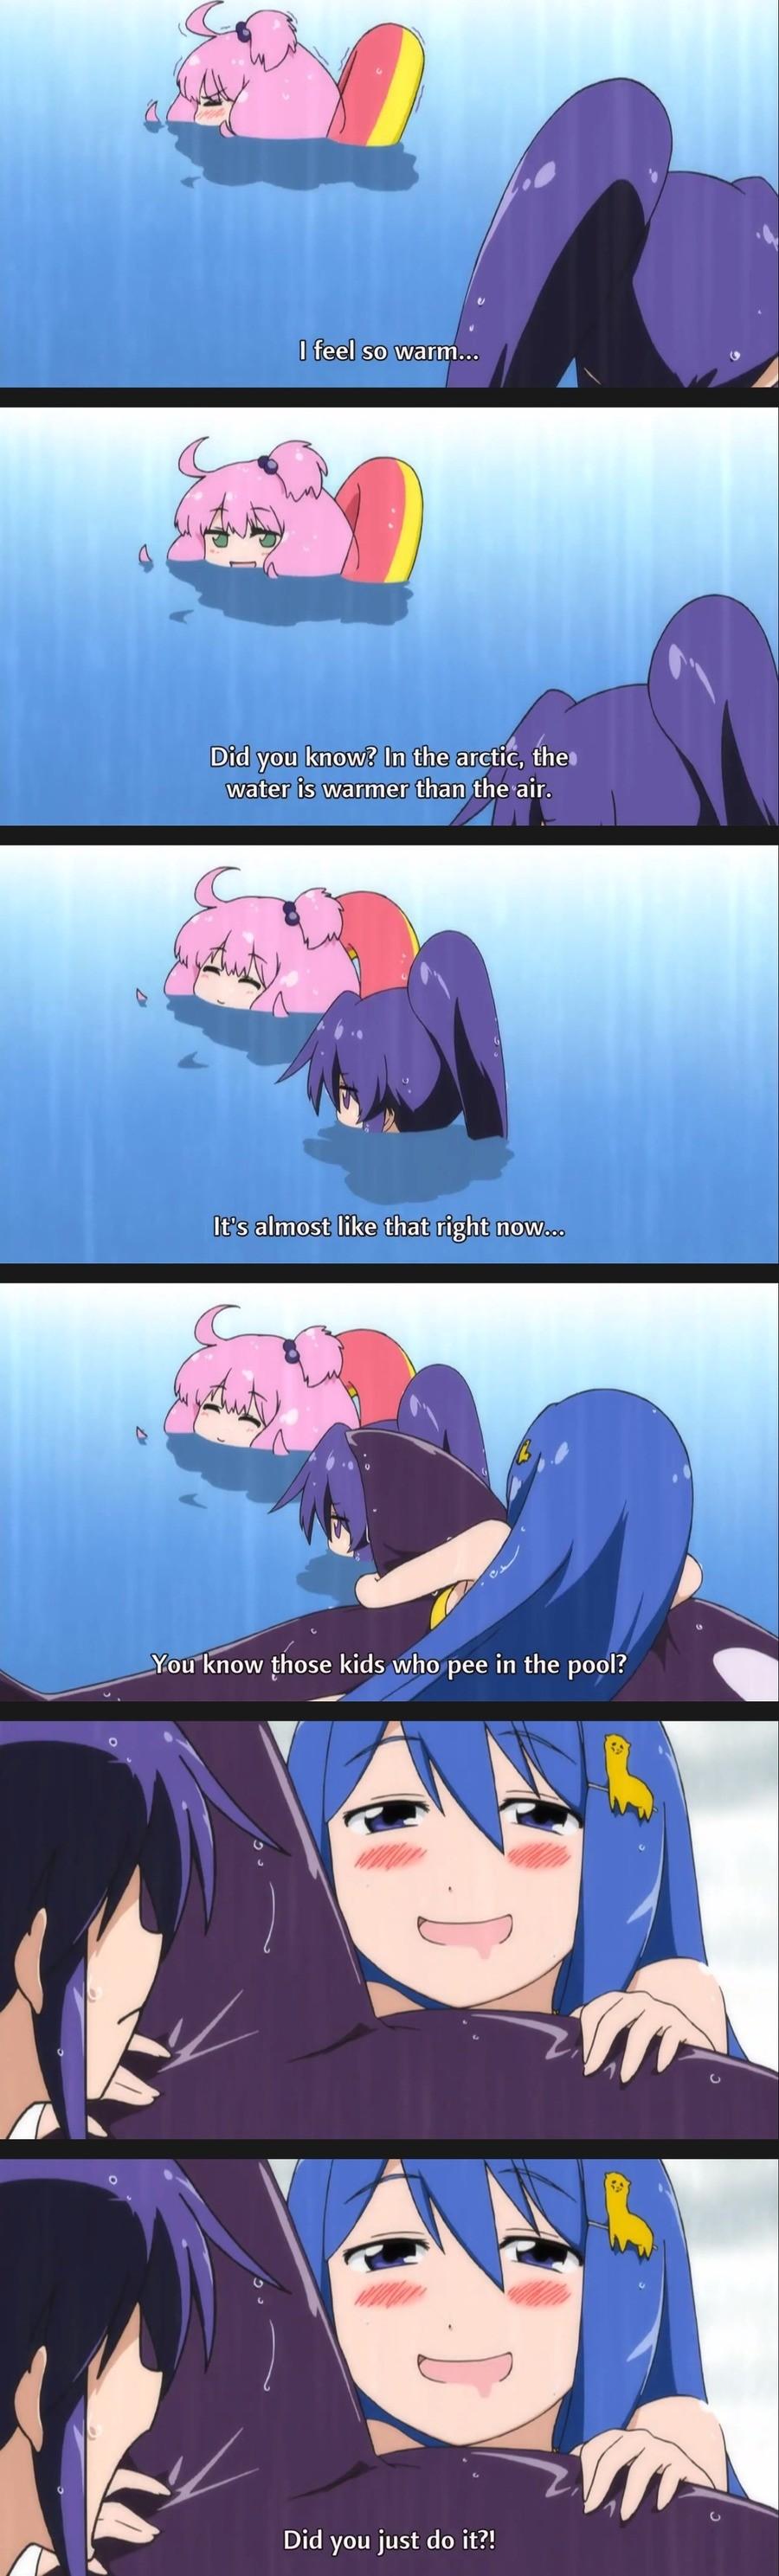 Survival Experience. Teekyuu. teekyuu Anime